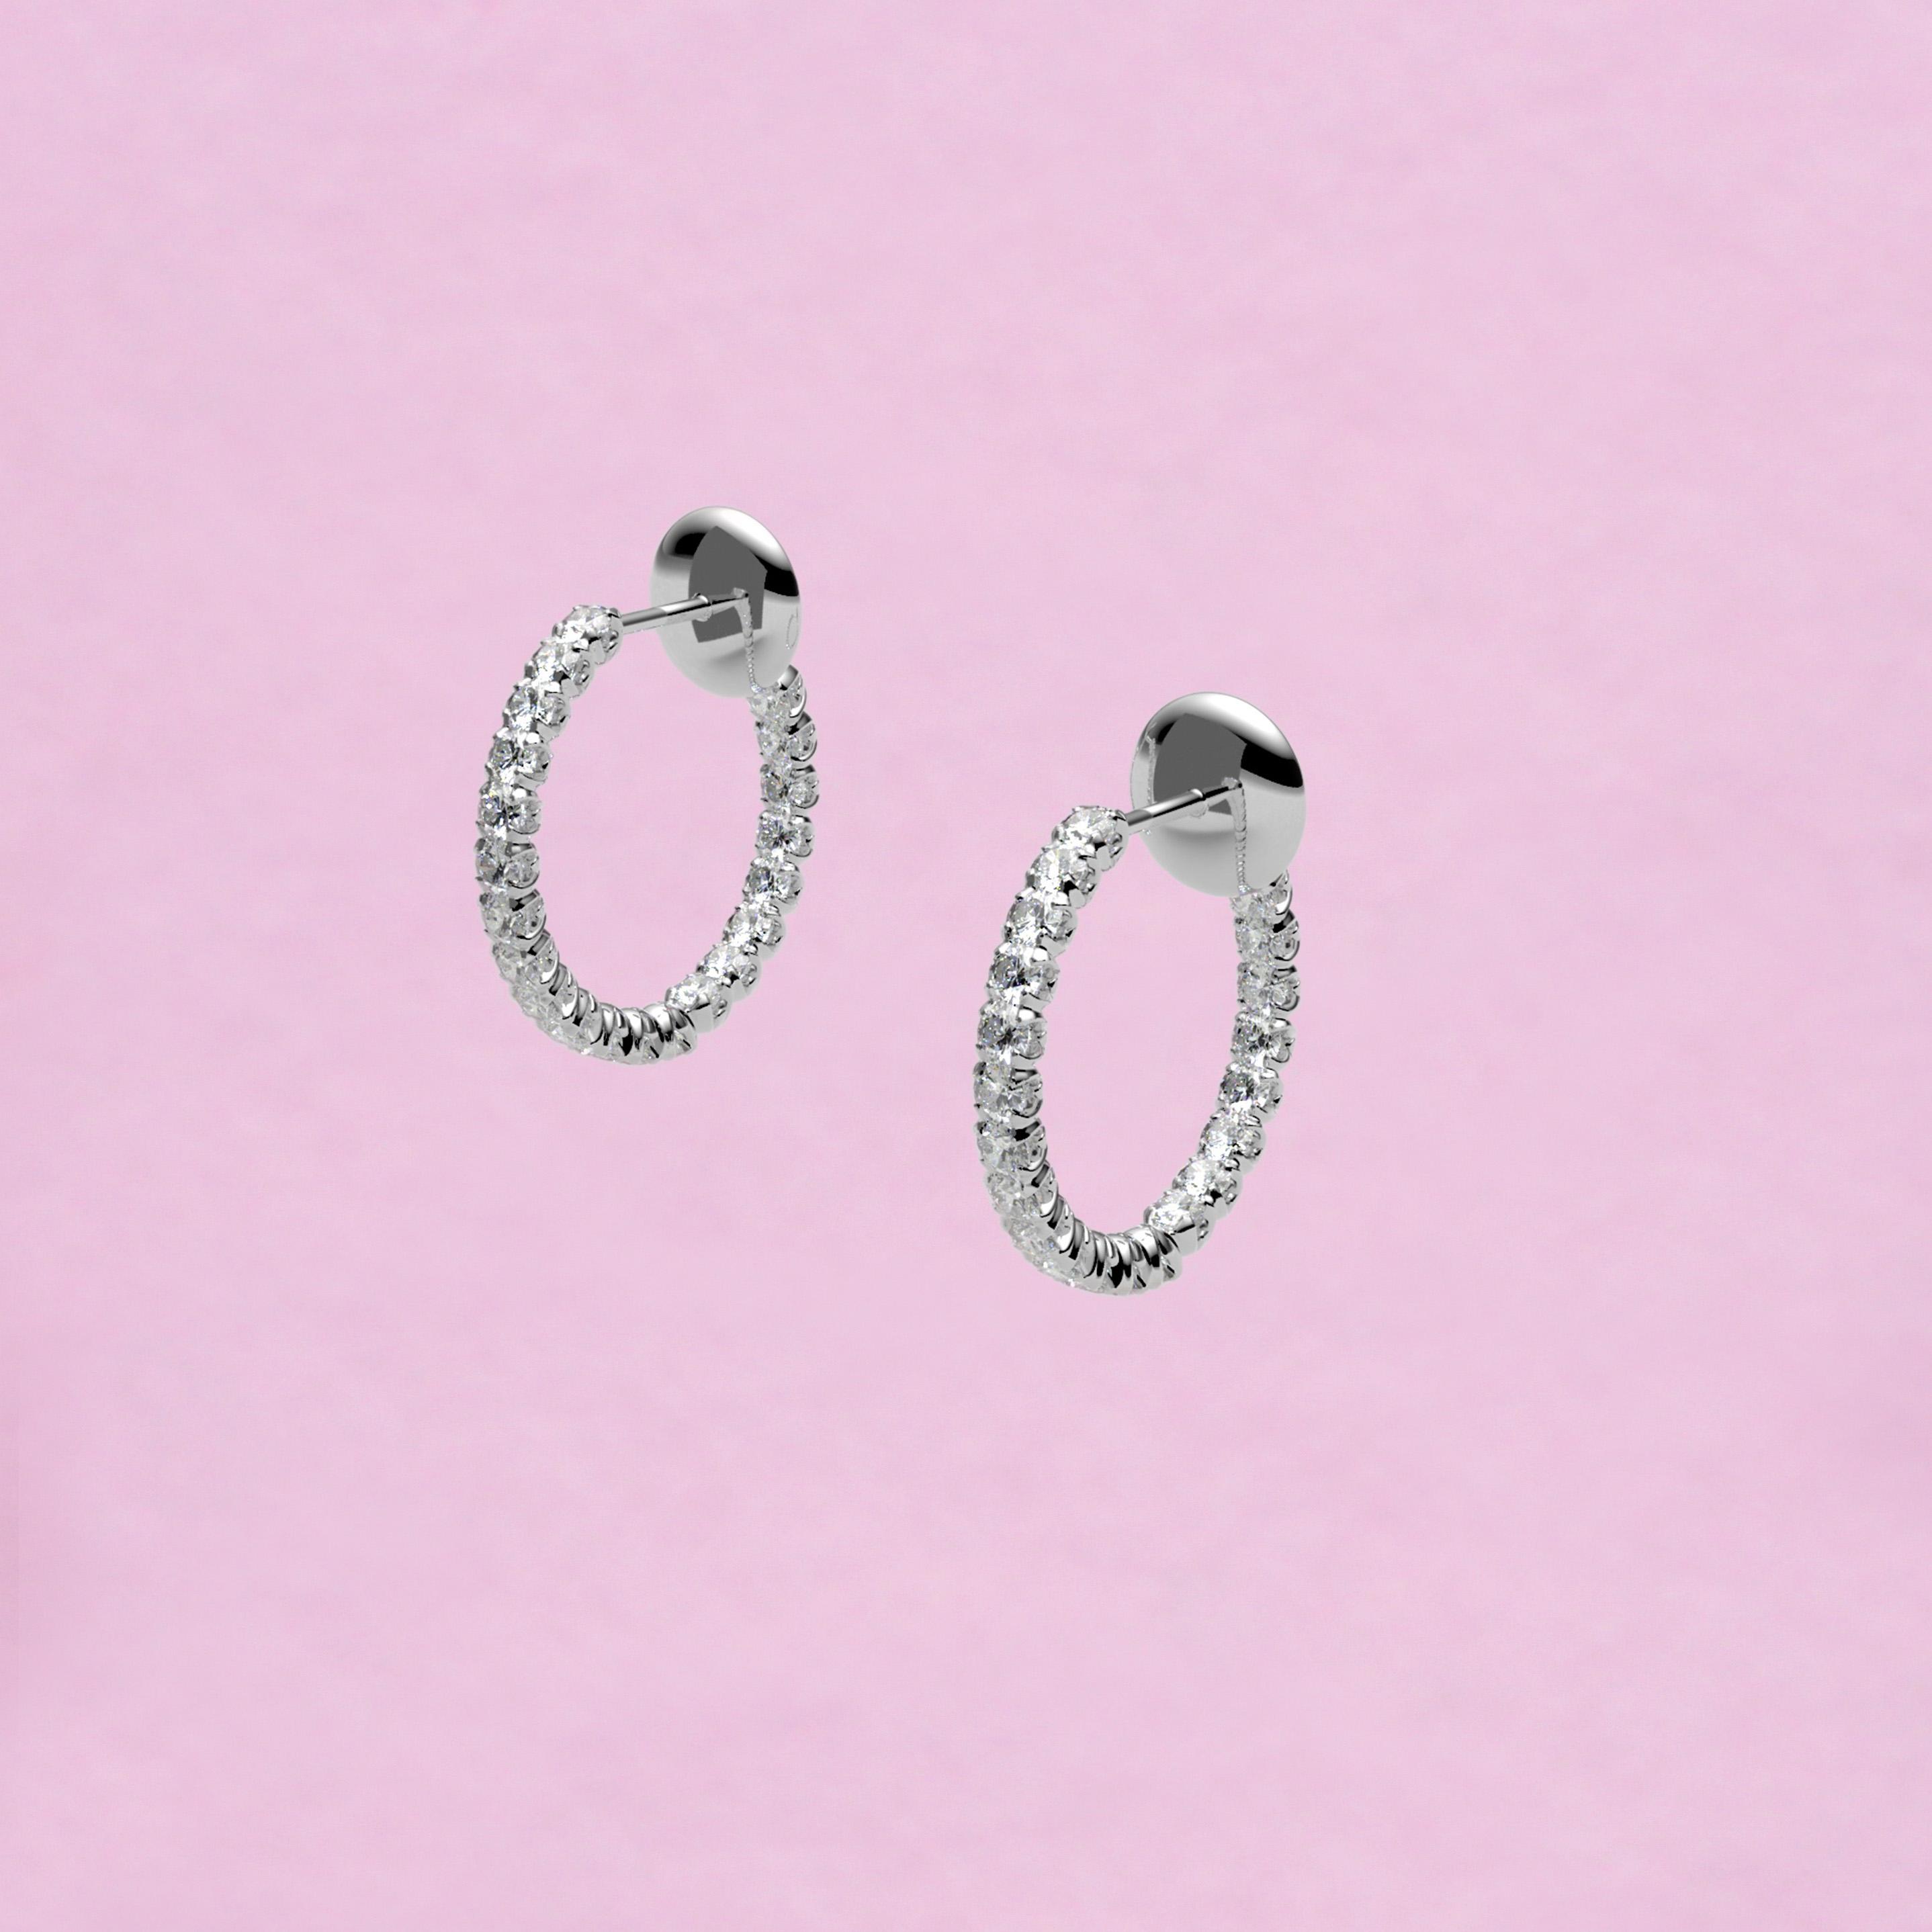 blossom hoop earrings – white diamond and 18k white gold